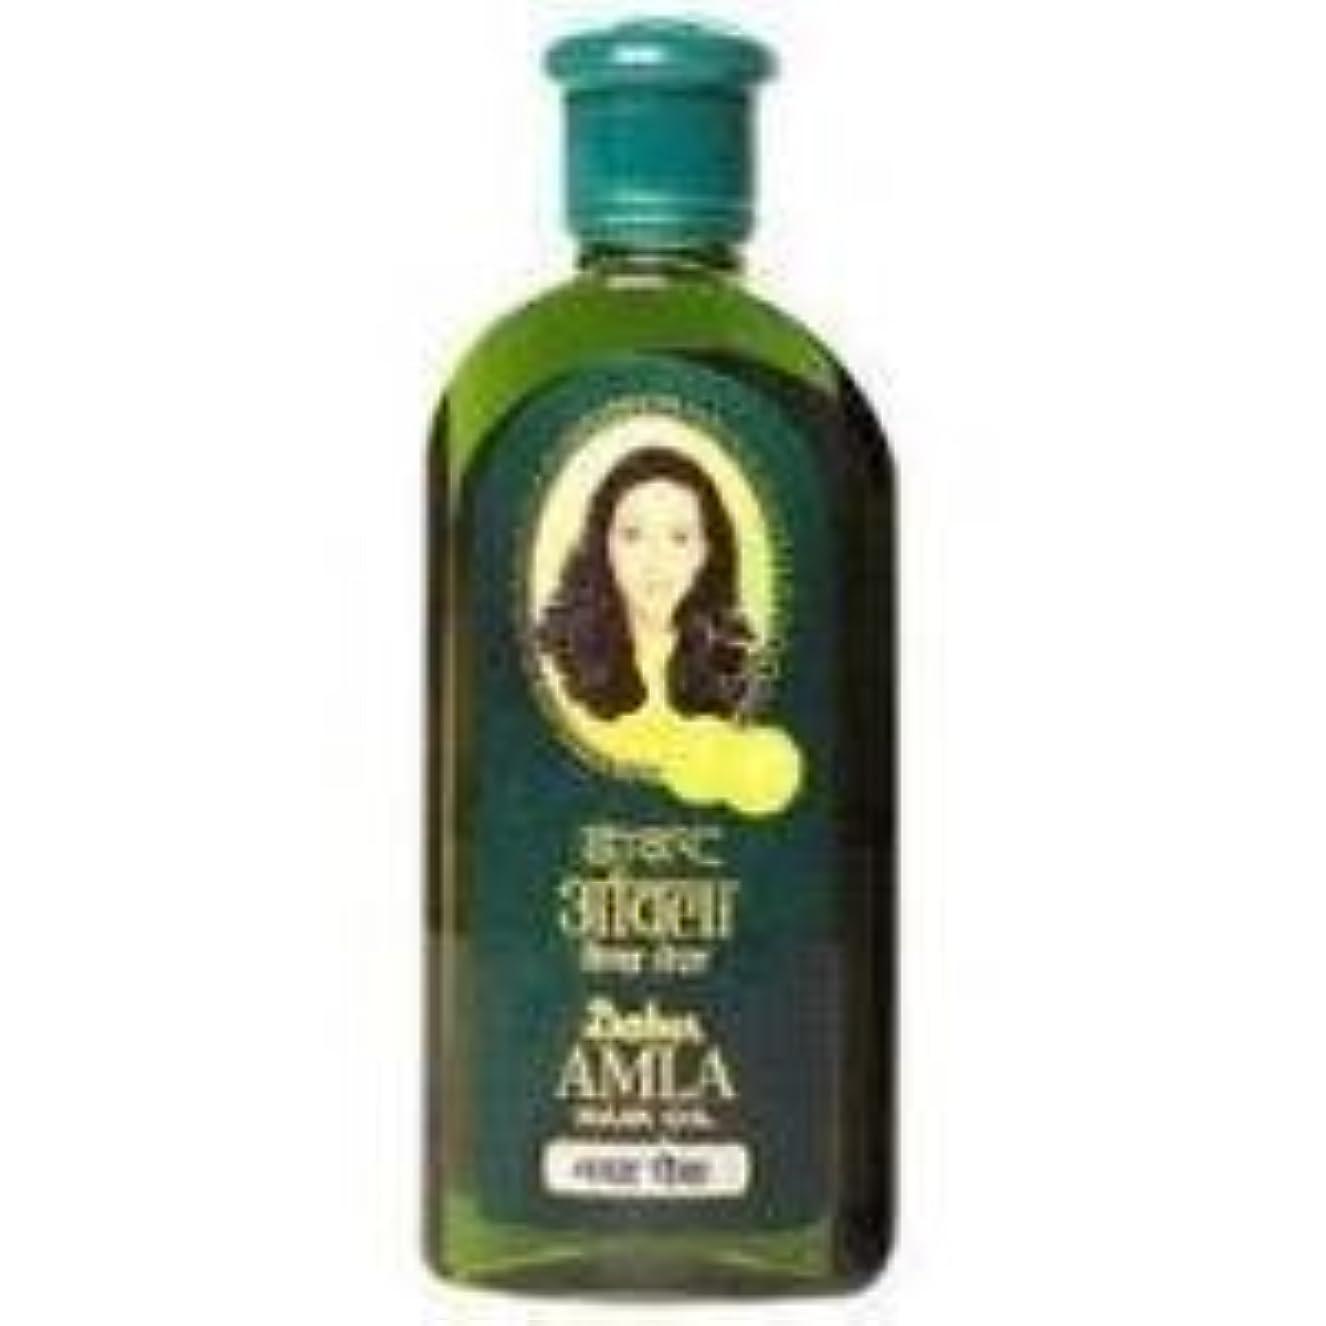 シーボードワゴン一次Dabur Amla Hair Oil, 500 ml Bottle by Dabur [並行輸入品]